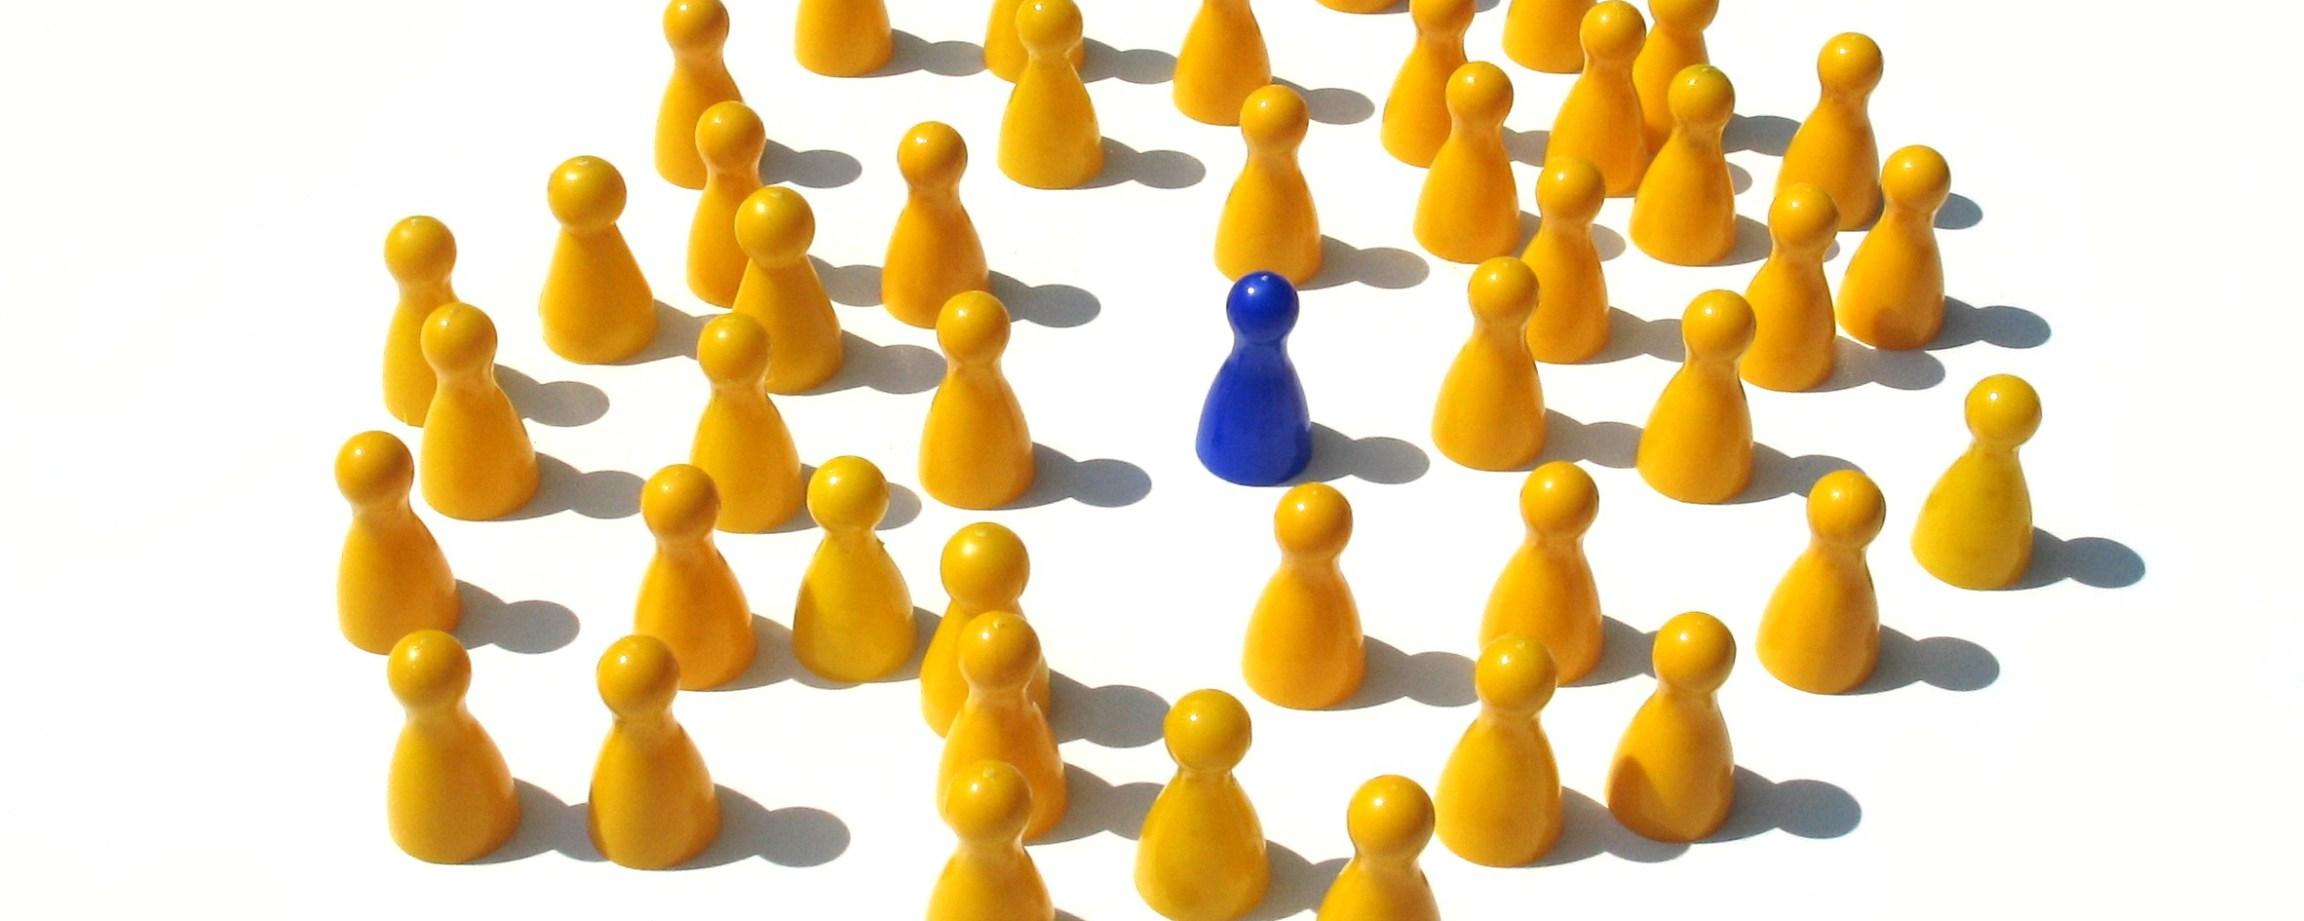 Photo of Reclutamiento y selección de personas: ¿Cómo encontrar el profesional adecuado?